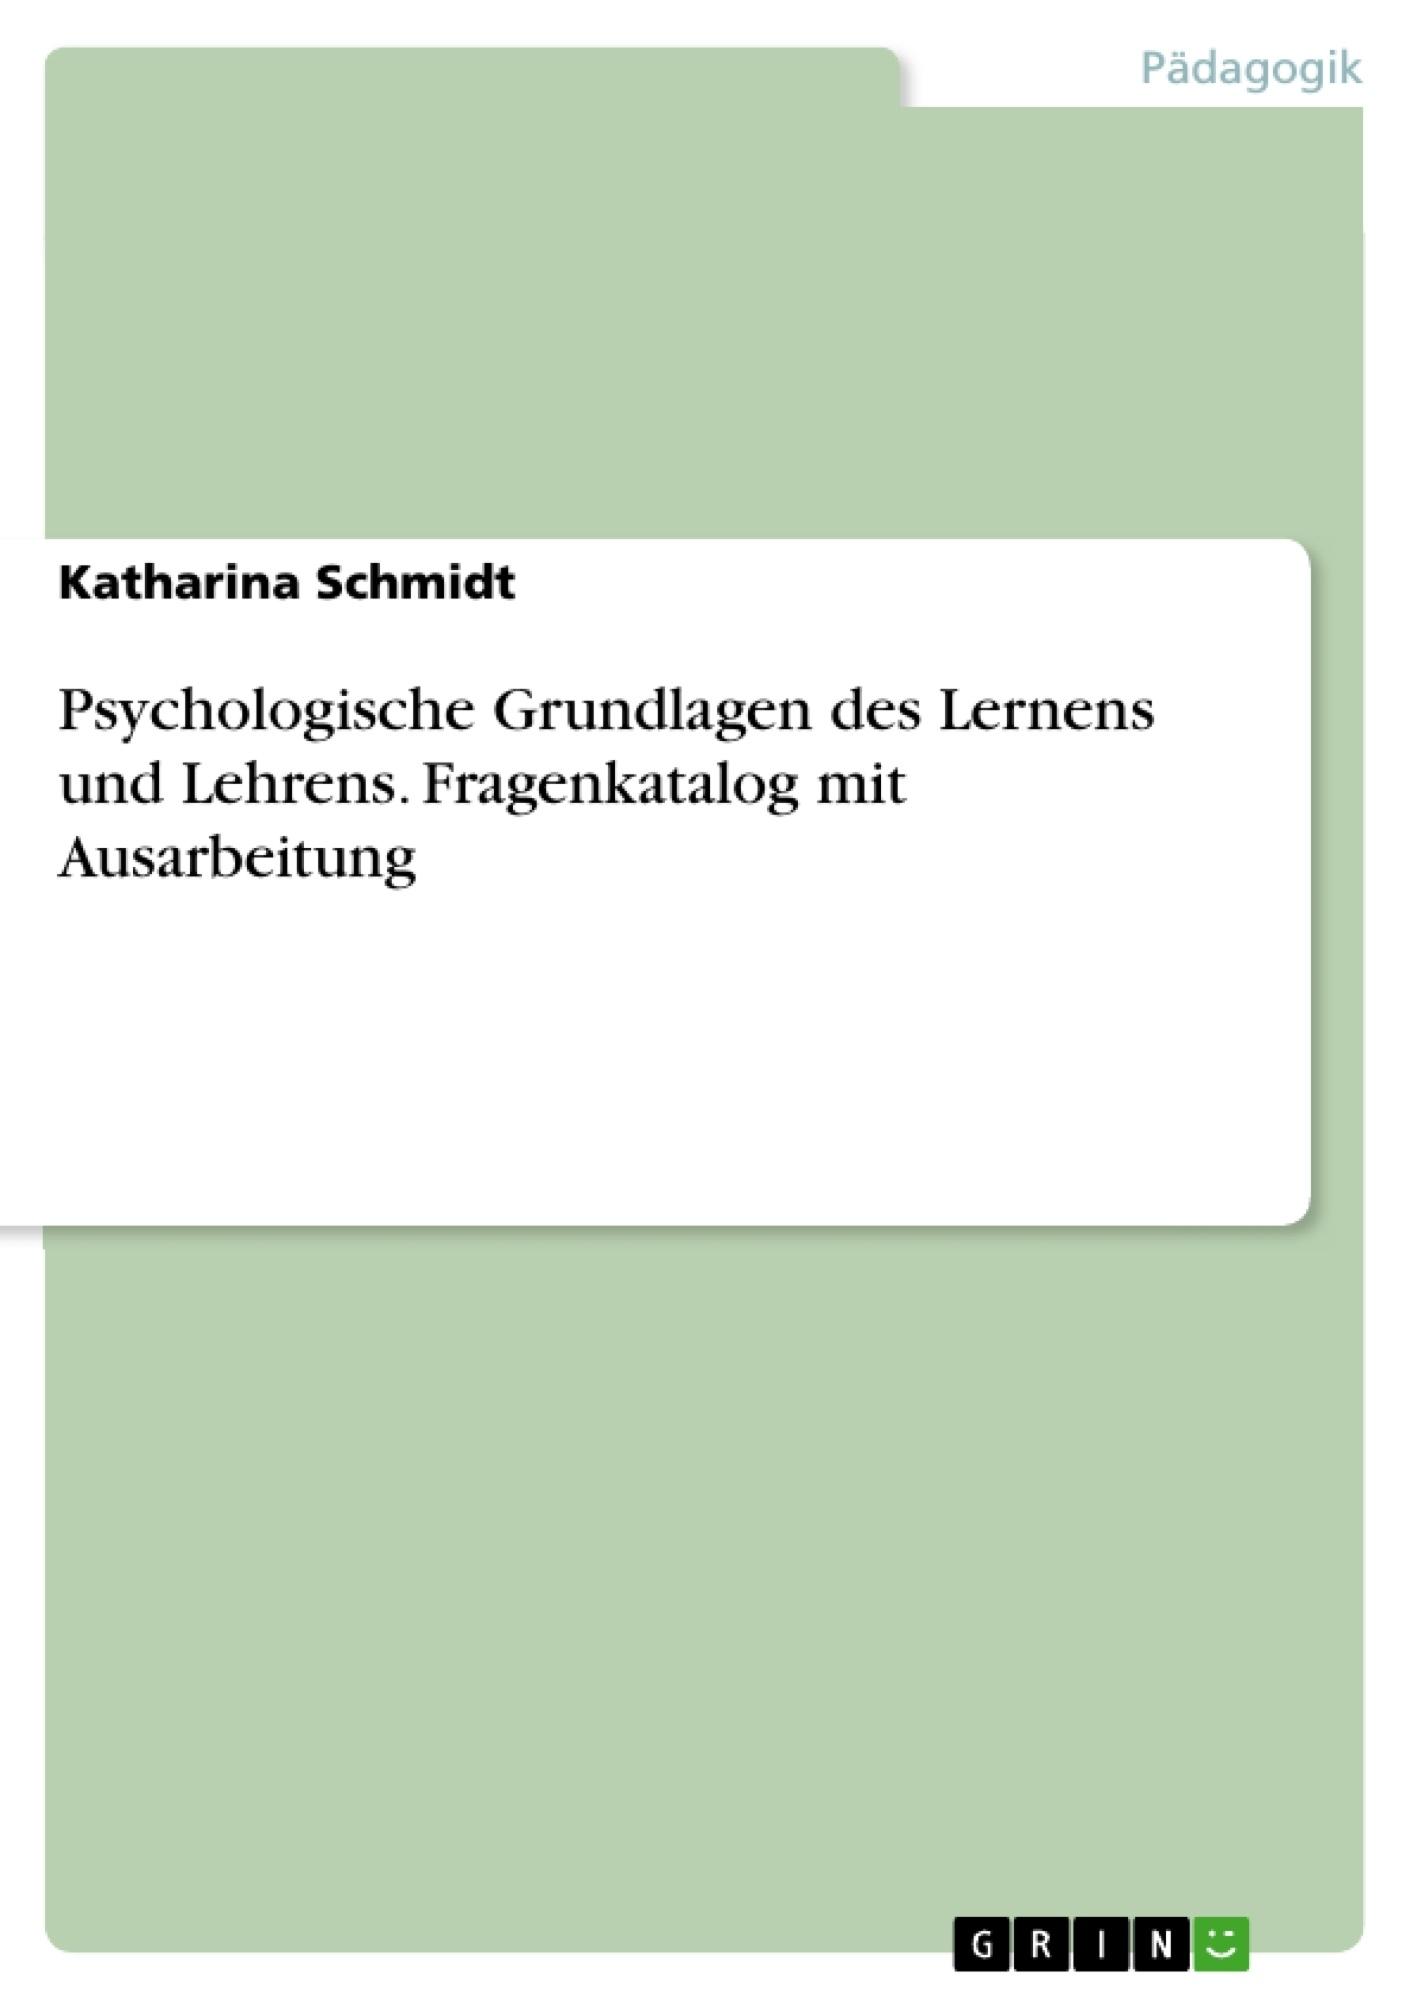 Titel: Psychologische Grundlagen des Lernens und Lehrens. Fragenkatalog mit Ausarbeitung